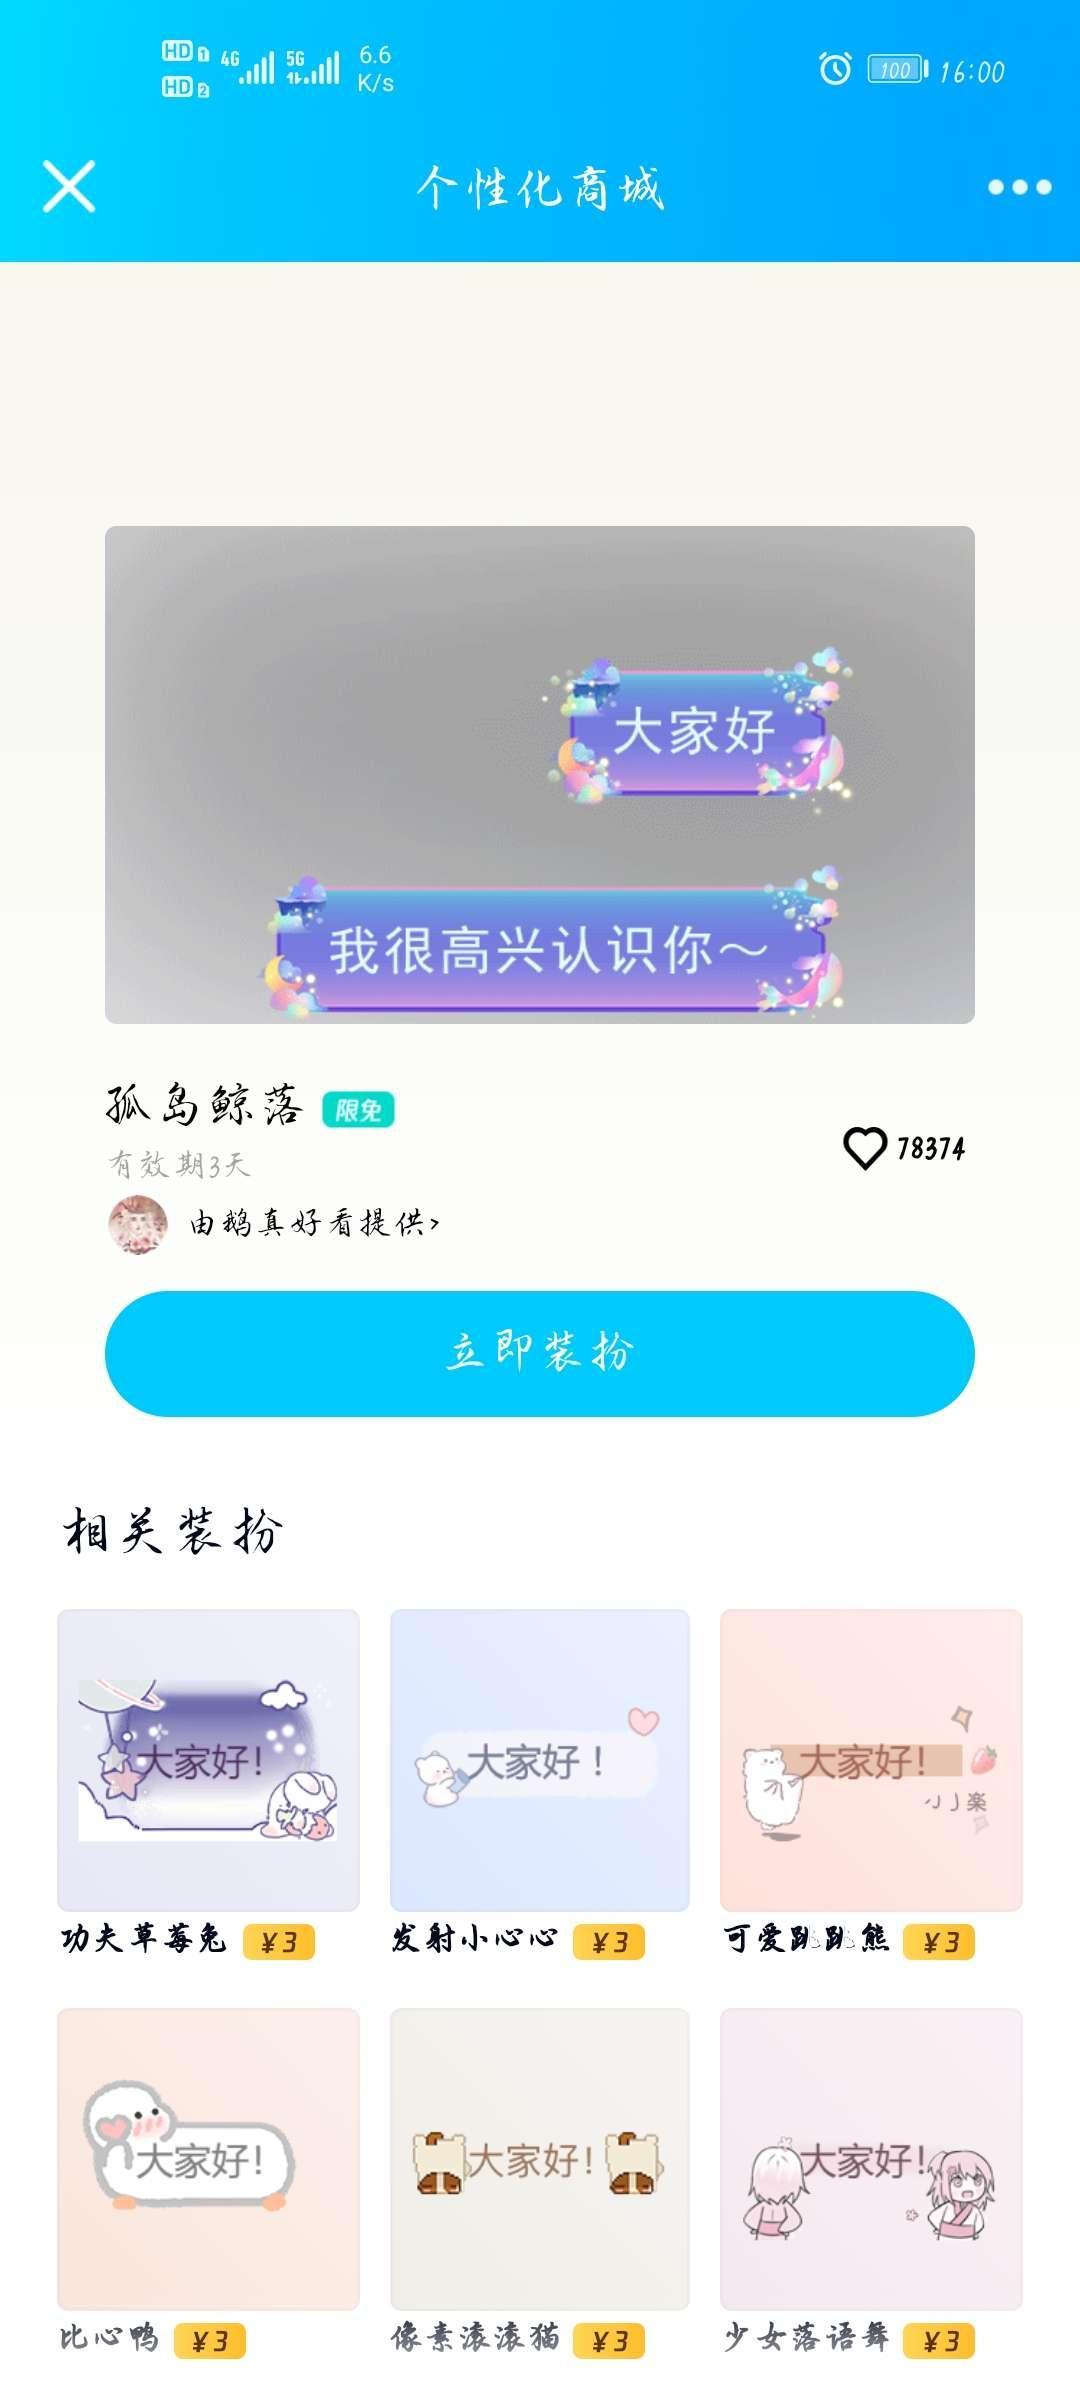 """【虚拟物品】最新免费领QQ气泡""""孤岛鲸落"""""""